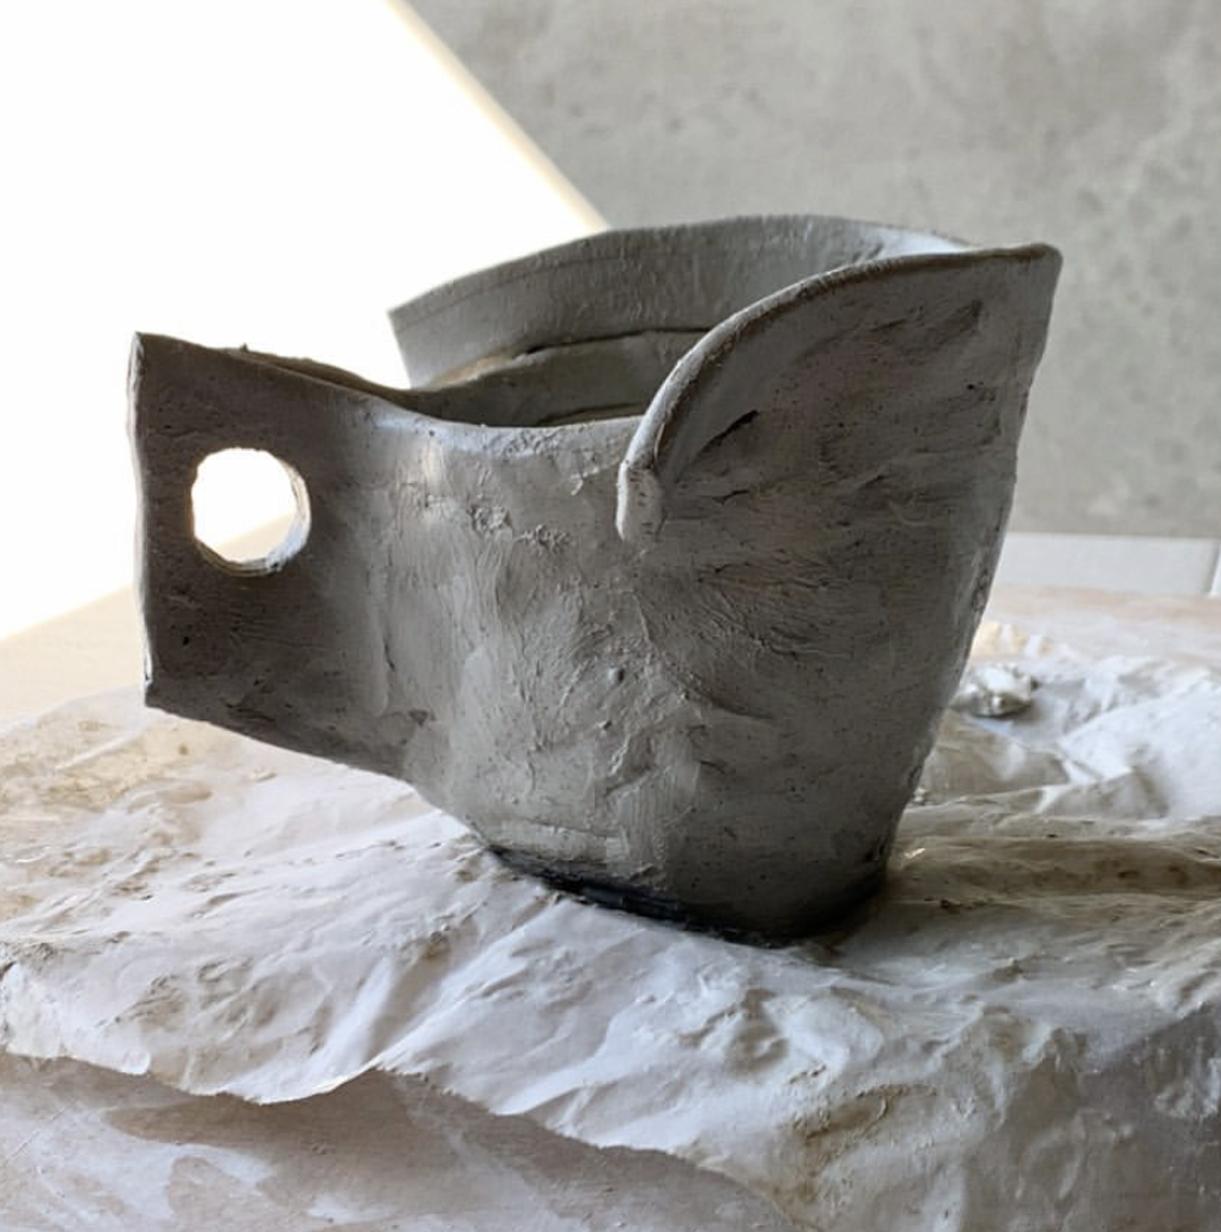 Ceramic cup by Ben Mazey